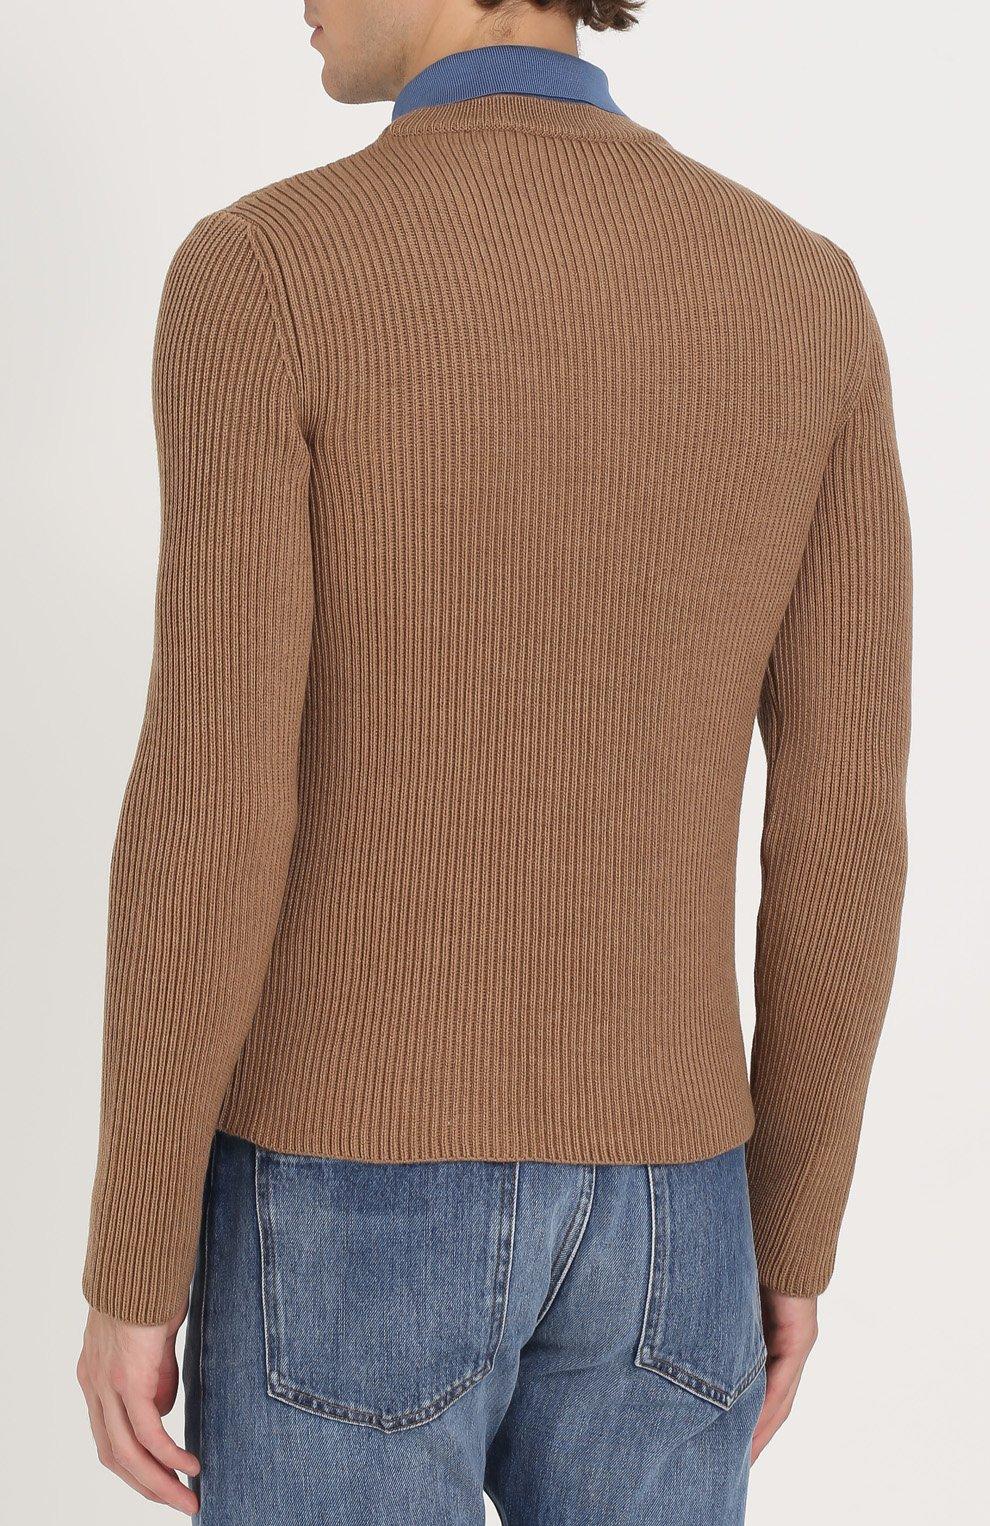 Джемпер из шерсти фактурной вязки с контрастным воротником | Фото №4